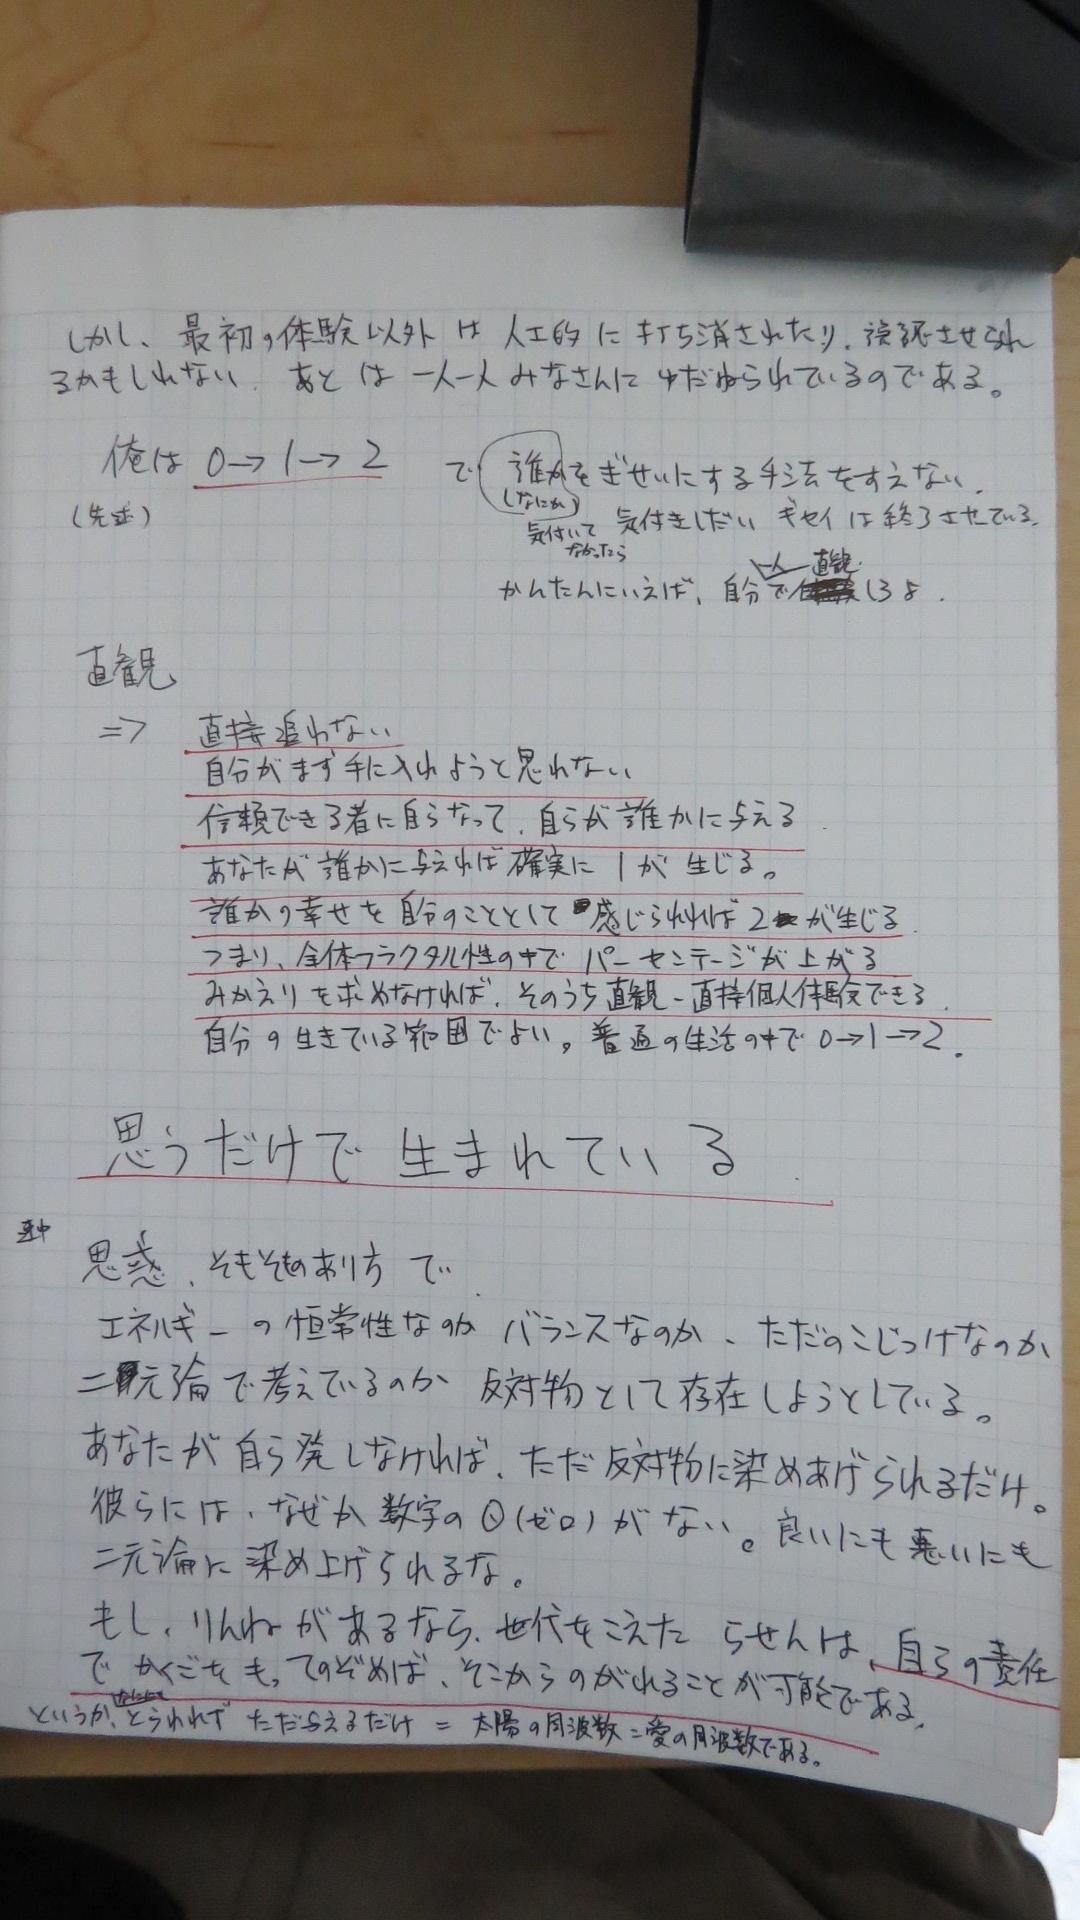 f:id:uta_stream:20180218125022j:plain